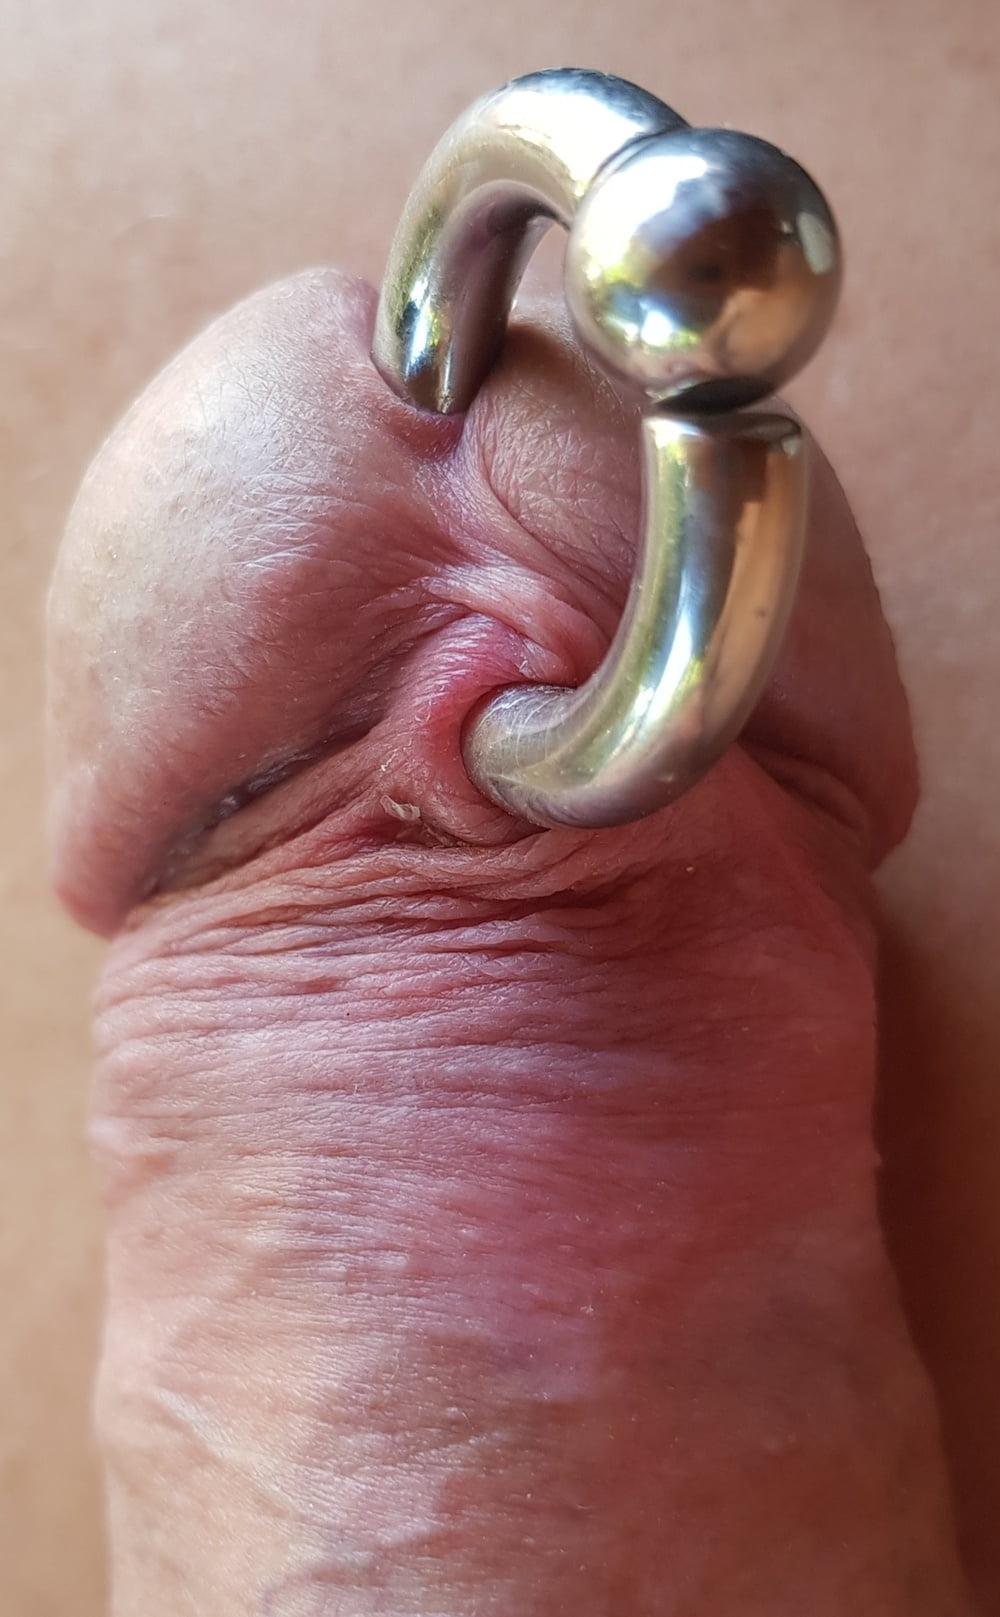 Piercing Penis